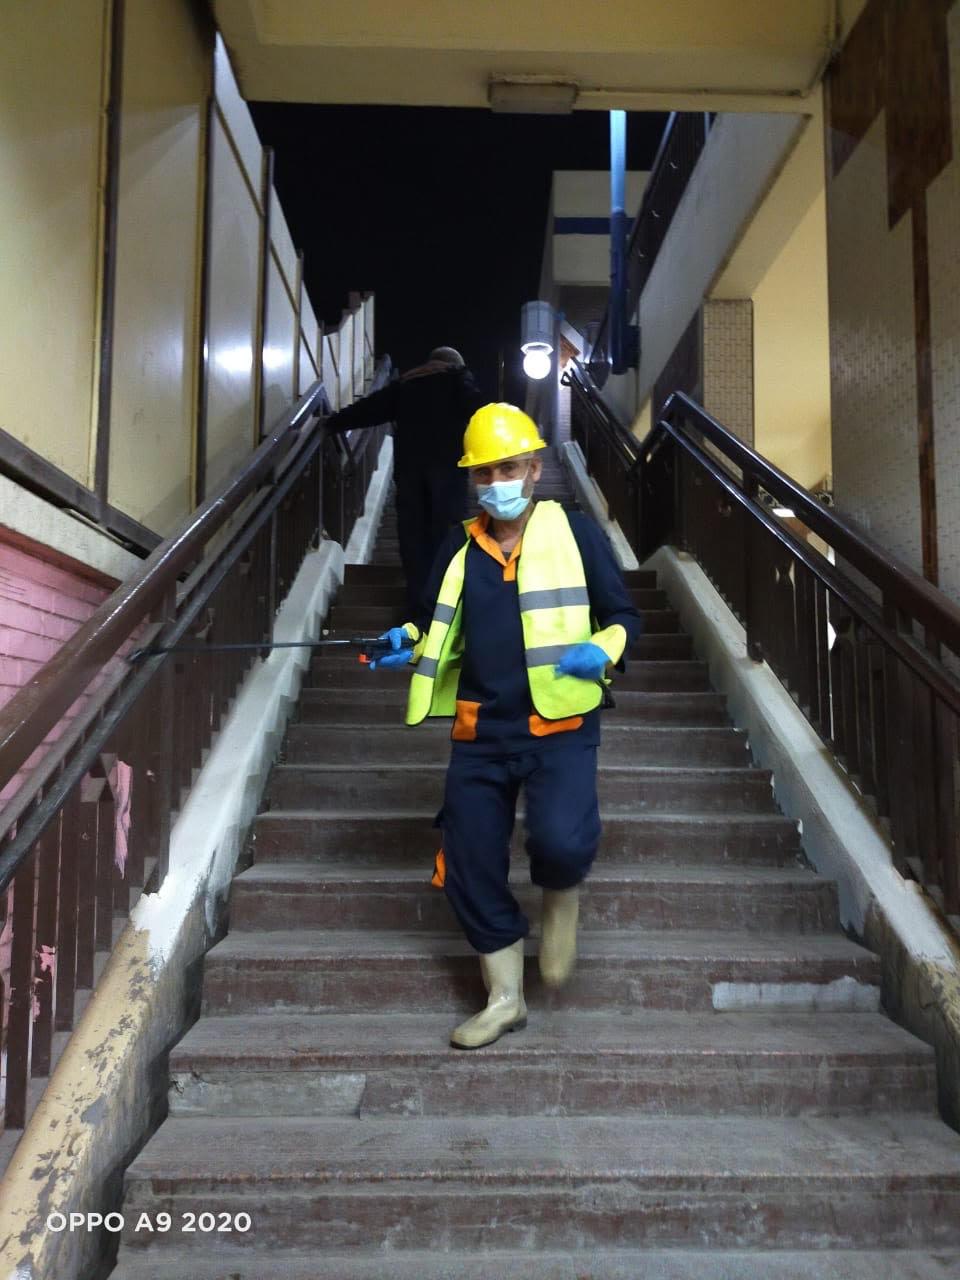 المترو يواصل أعمال تعقيم وتطهير القطارات والمحطات ضد كورونا (18)